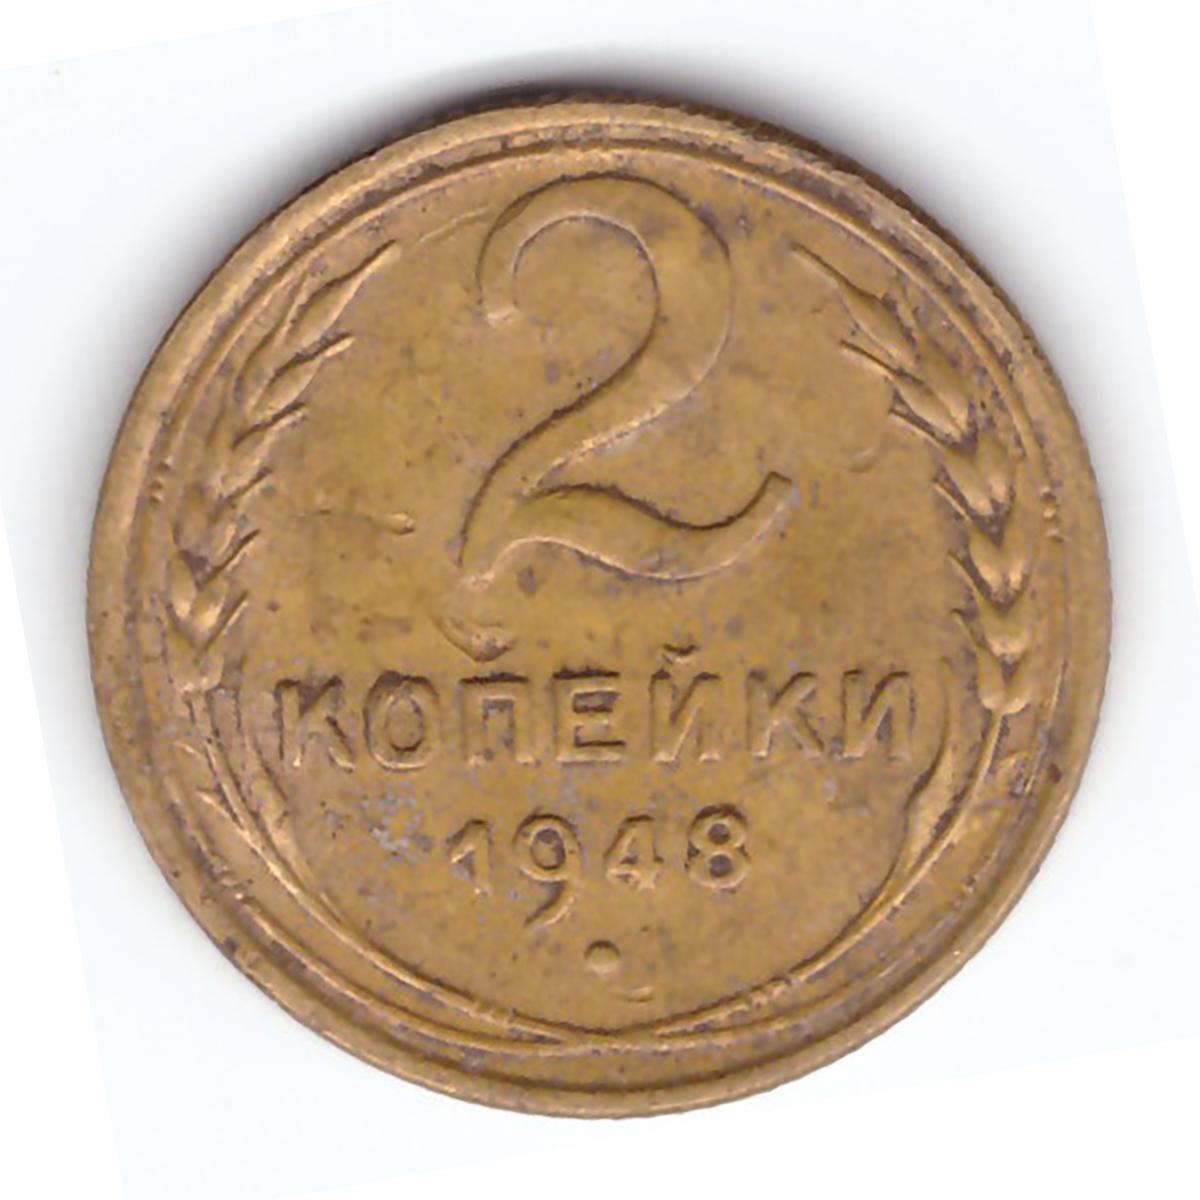 2 копейки 1948 года. VG. №3